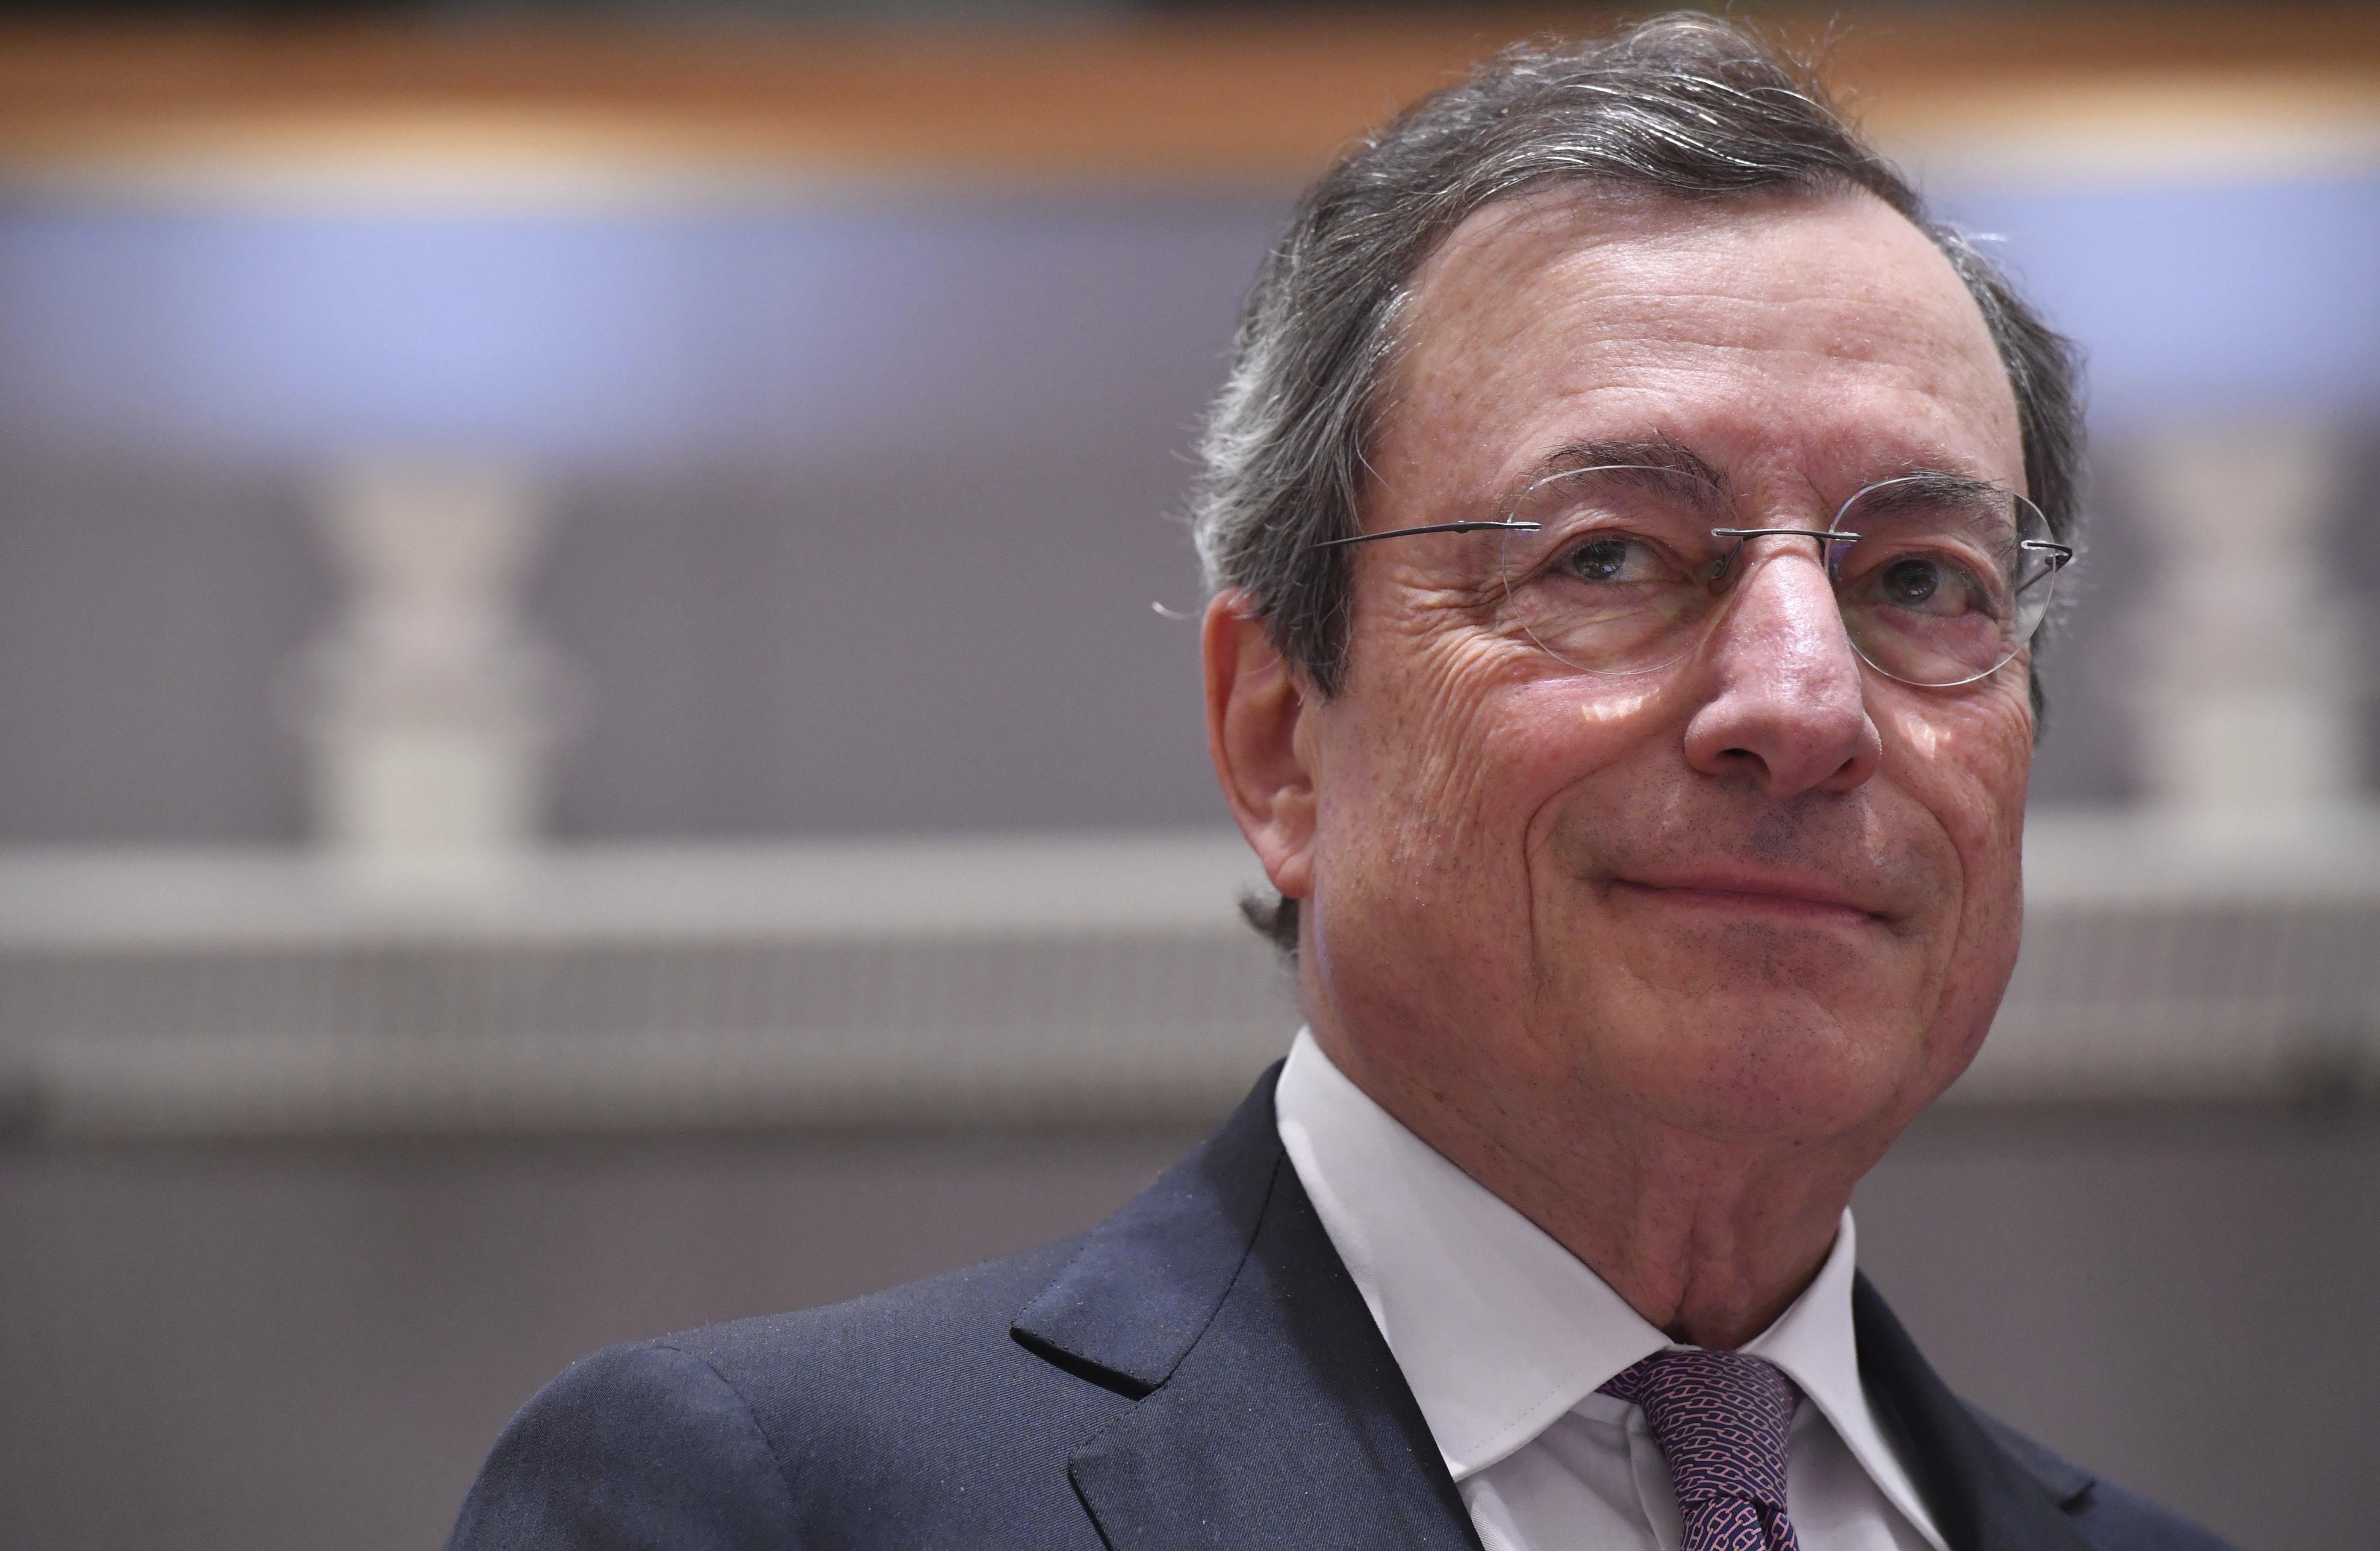 BCE, liderado por Mario Draghi, anunciou uma nova solução baseada num modelo híbrido / Gtres